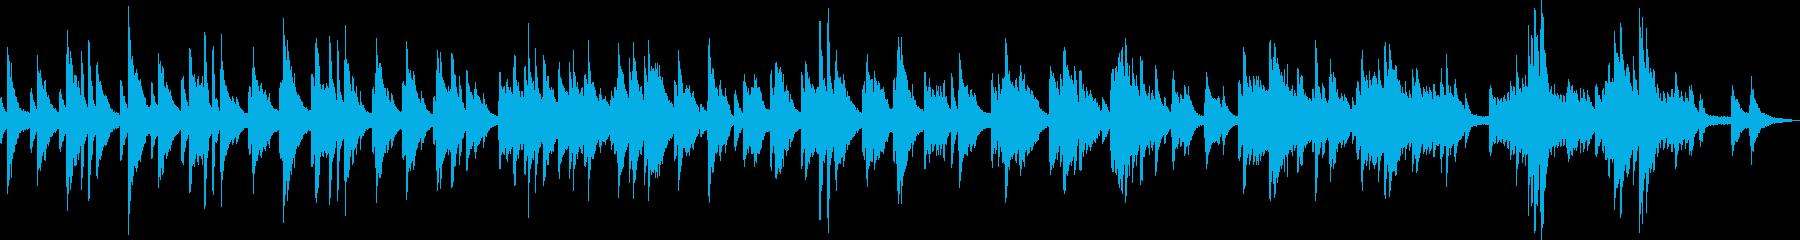 暖かくて美しいピアノバラード(独奏)の再生済みの波形